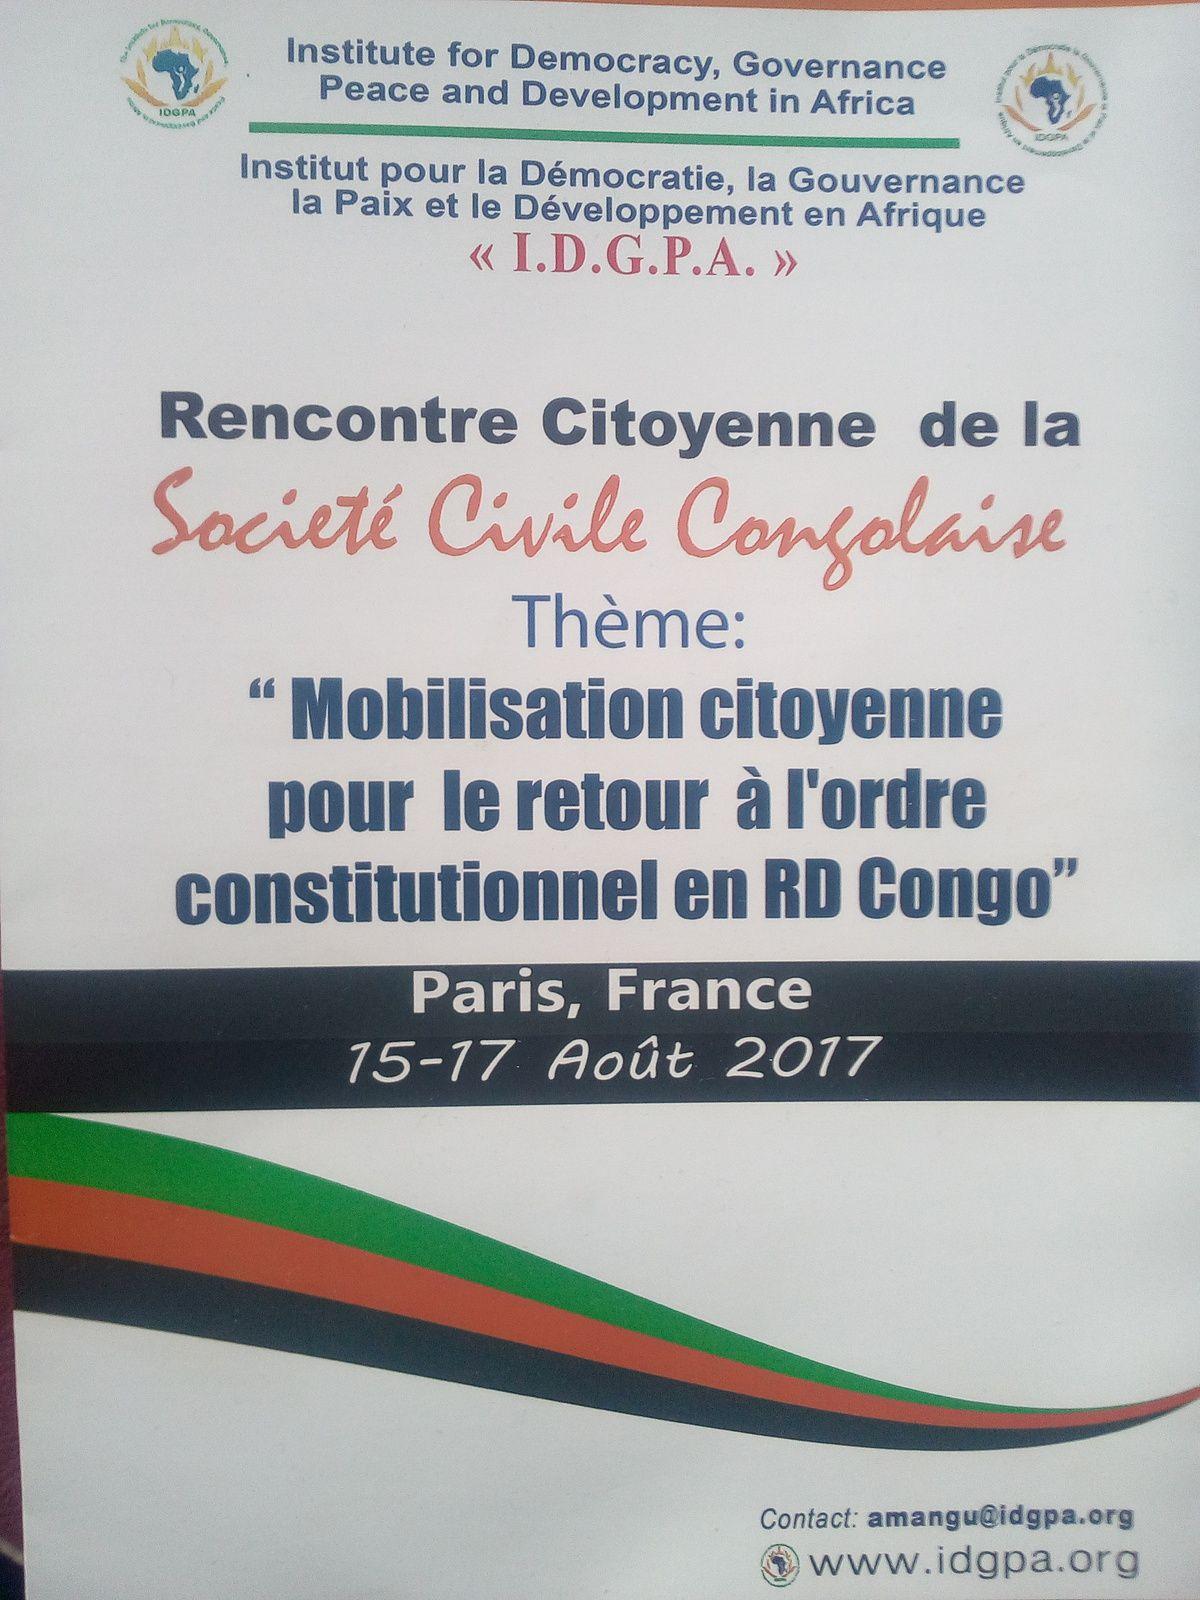 Conférence de presse à Paris : Mobilisation citoyenne pour le retour à l'ordre constitutionnel en RD Congo